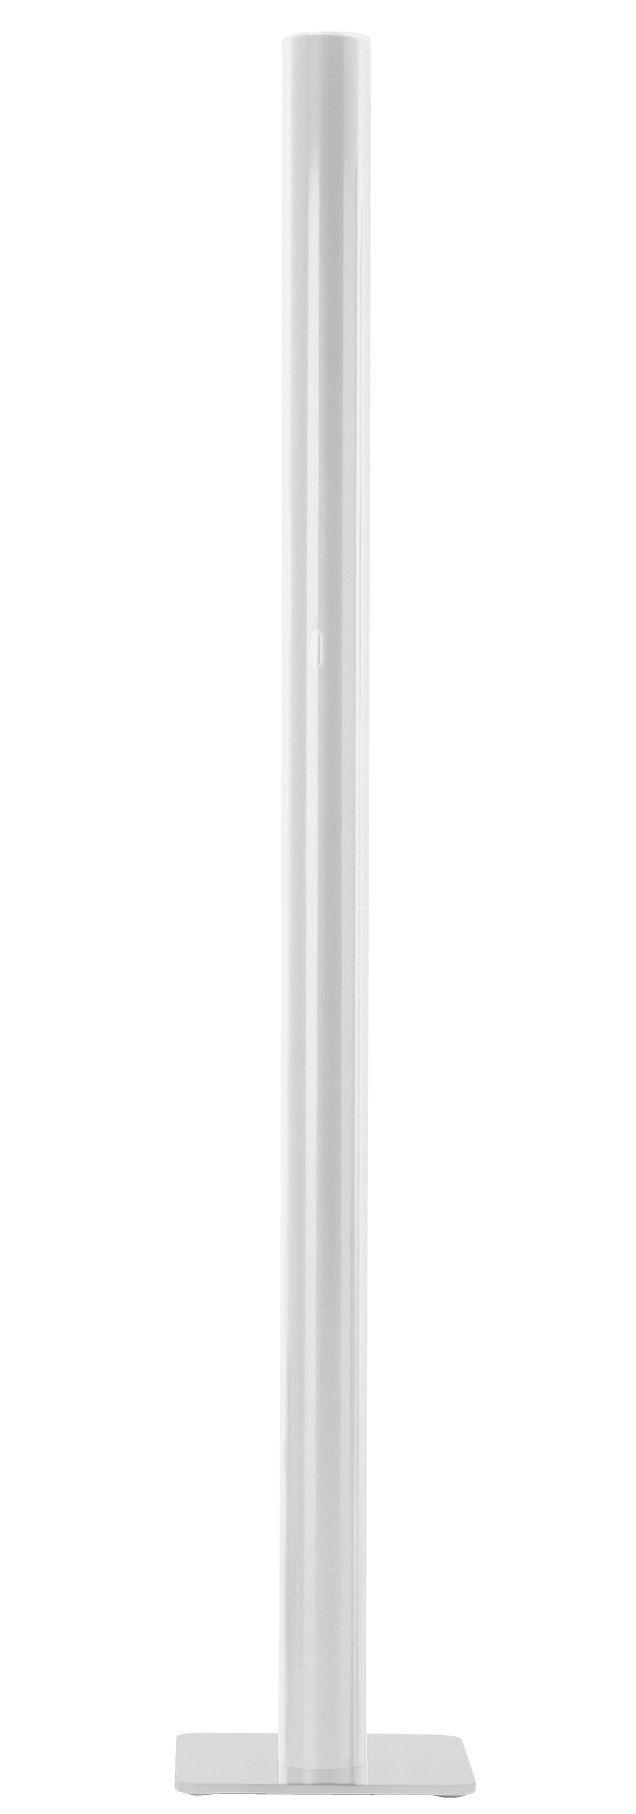 Illuminazione - Lampade da terra - Lampada a stelo Ilio LED - / H 175 cm di Artemide - Blanc - Acciaio verniciato, alluminio verniciato